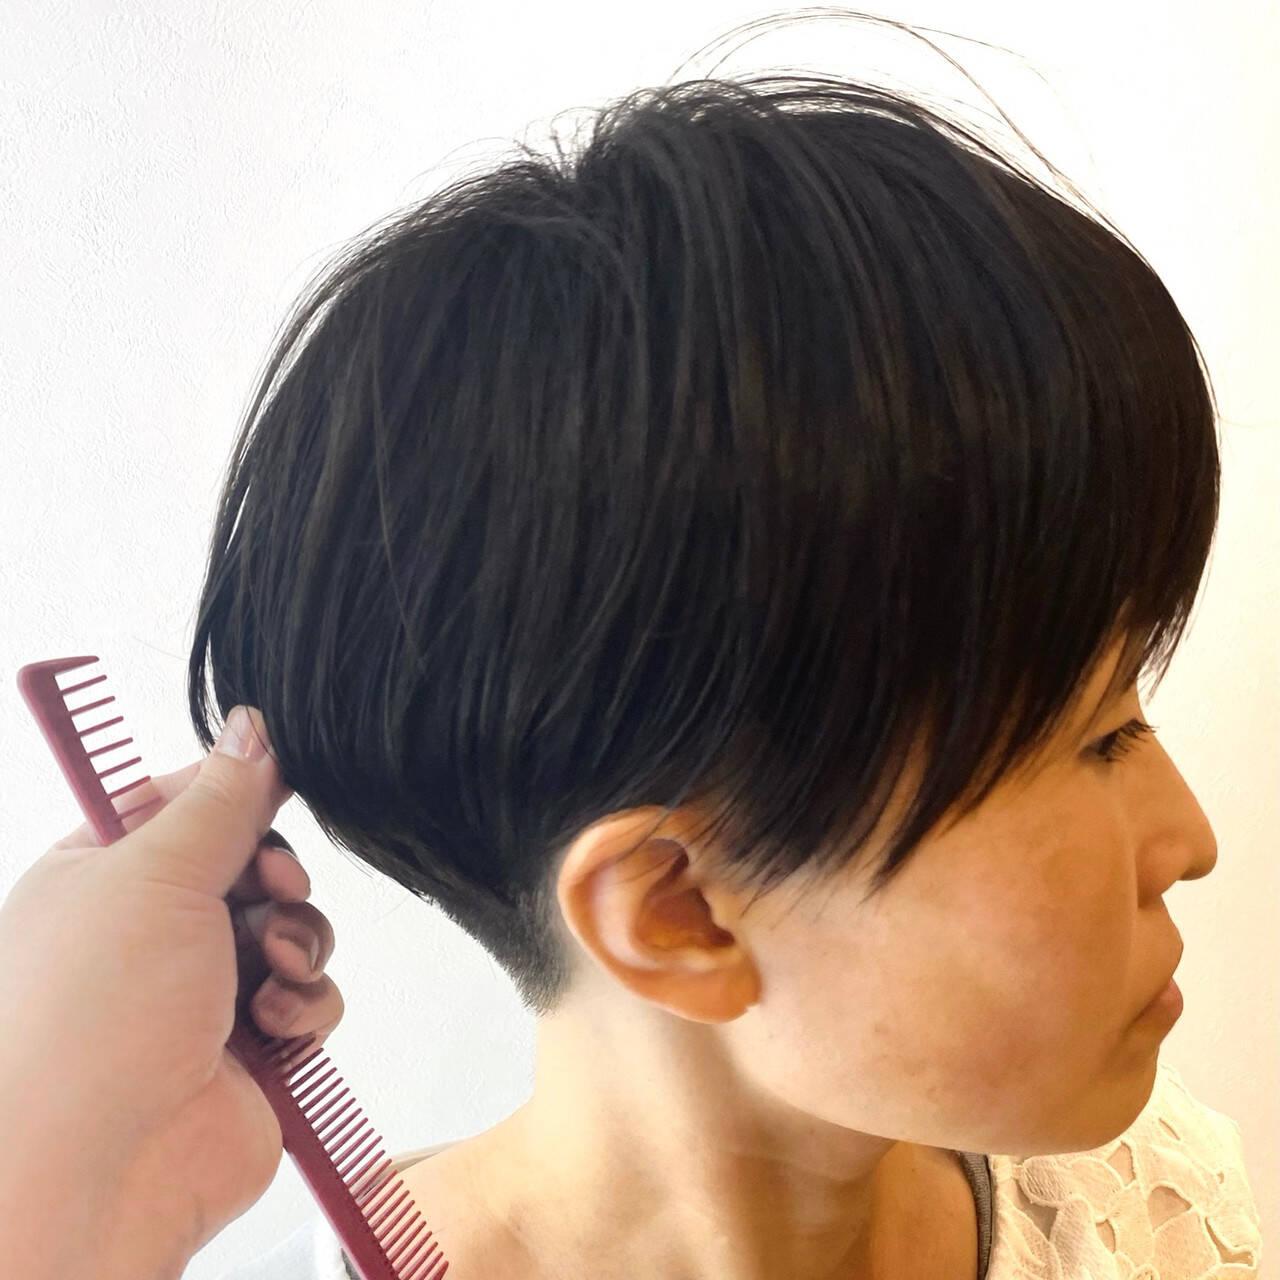 ウルフカット ショート インナーカラー ベリーショートヘアスタイルや髪型の写真・画像